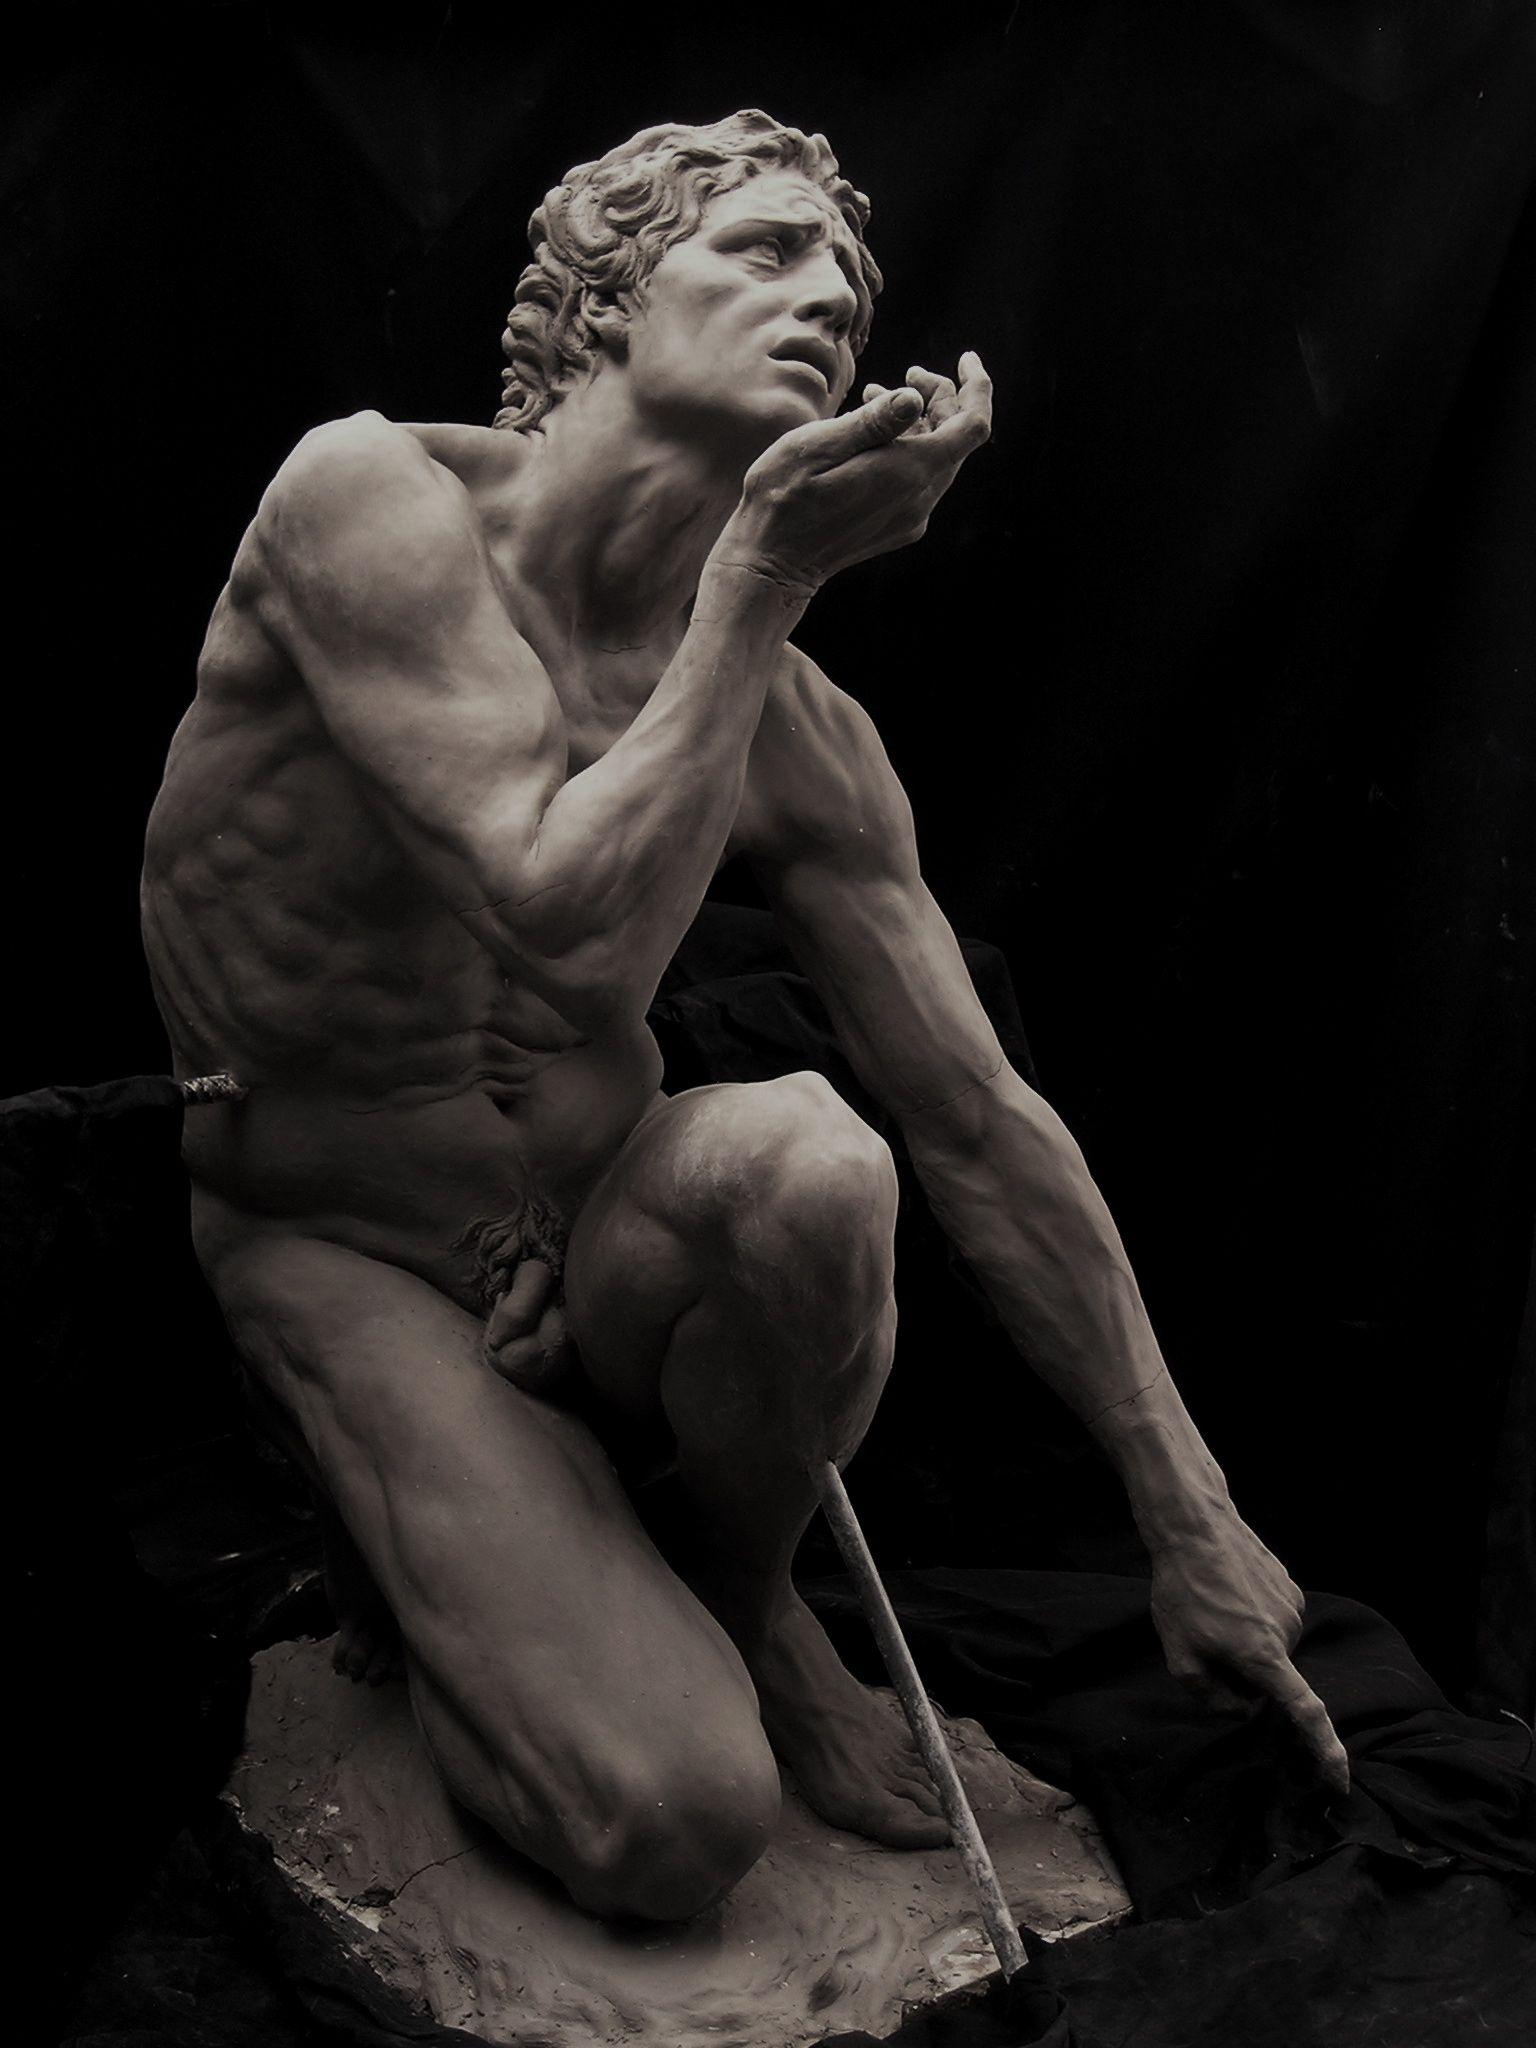 Cody Swanson Adam   Escultura   Pinterest   Escultura, Anatomía y ...